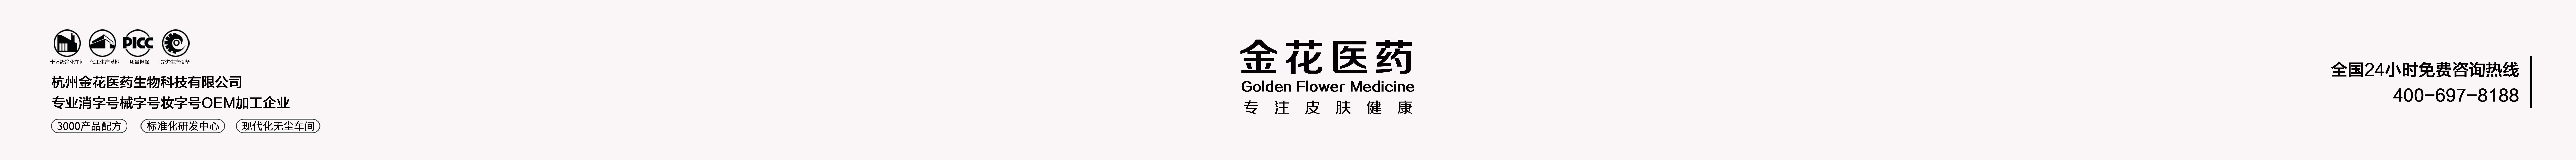 杭州金花医药生物科技